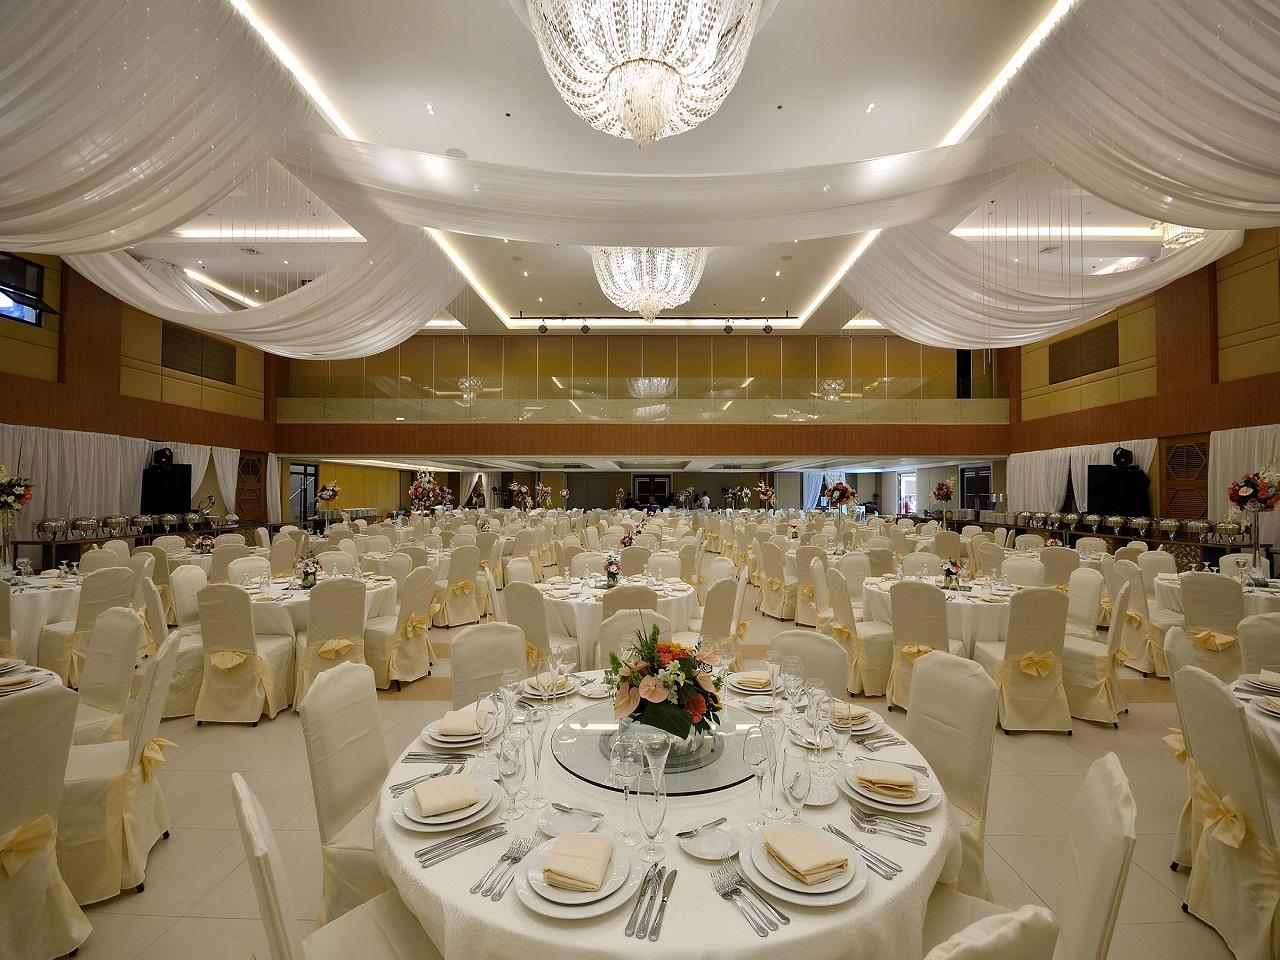 総部屋数は370部屋!豪華な宴会場設備も充実♪